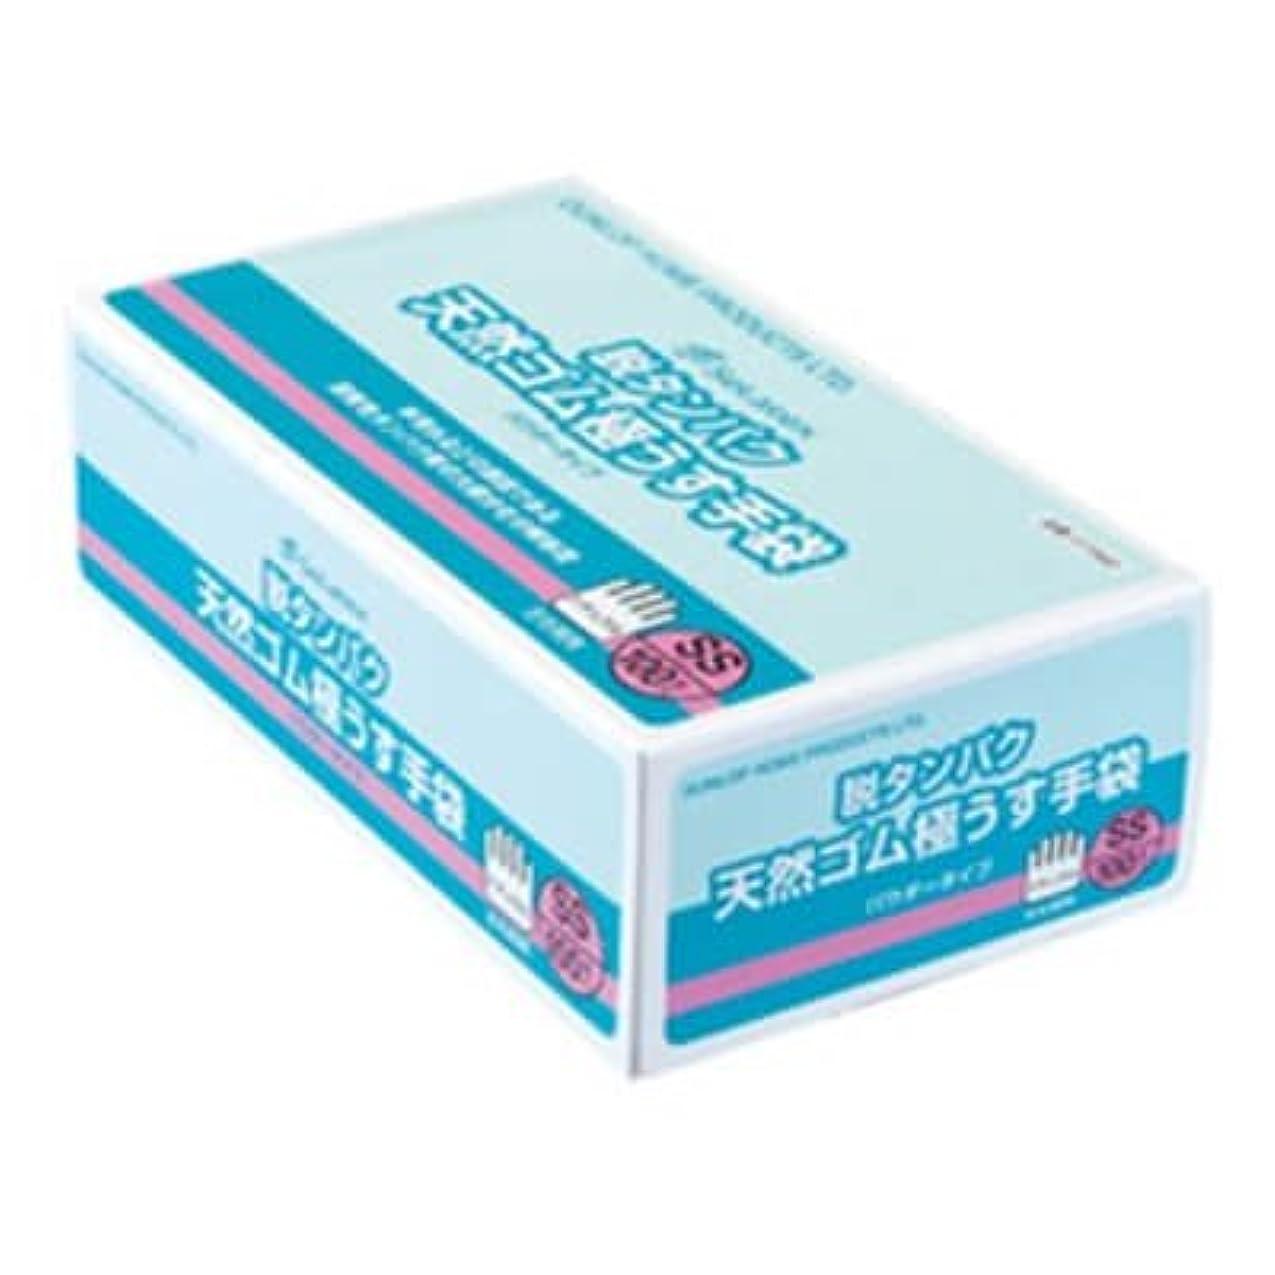 ラウズ染料口径【ケース販売】 ダンロップ 脱タンパク天然ゴム極うす手袋 SS ナチュラル (100枚入×20箱)